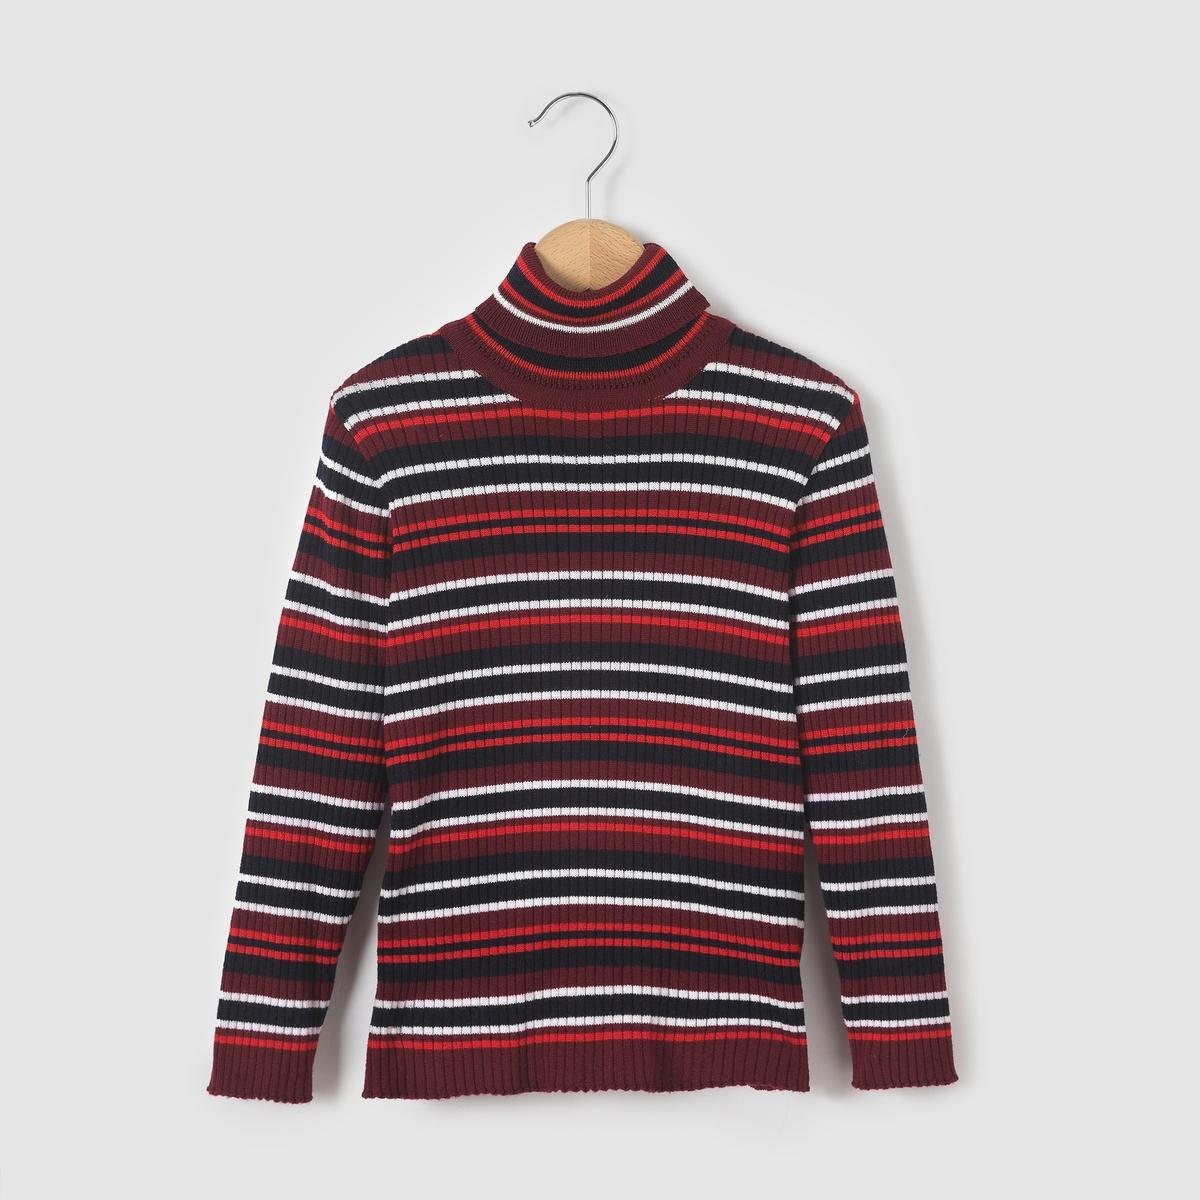 Пуловер с отворачивающимся воротником из шерсти COLLECTOR 3-12 лет